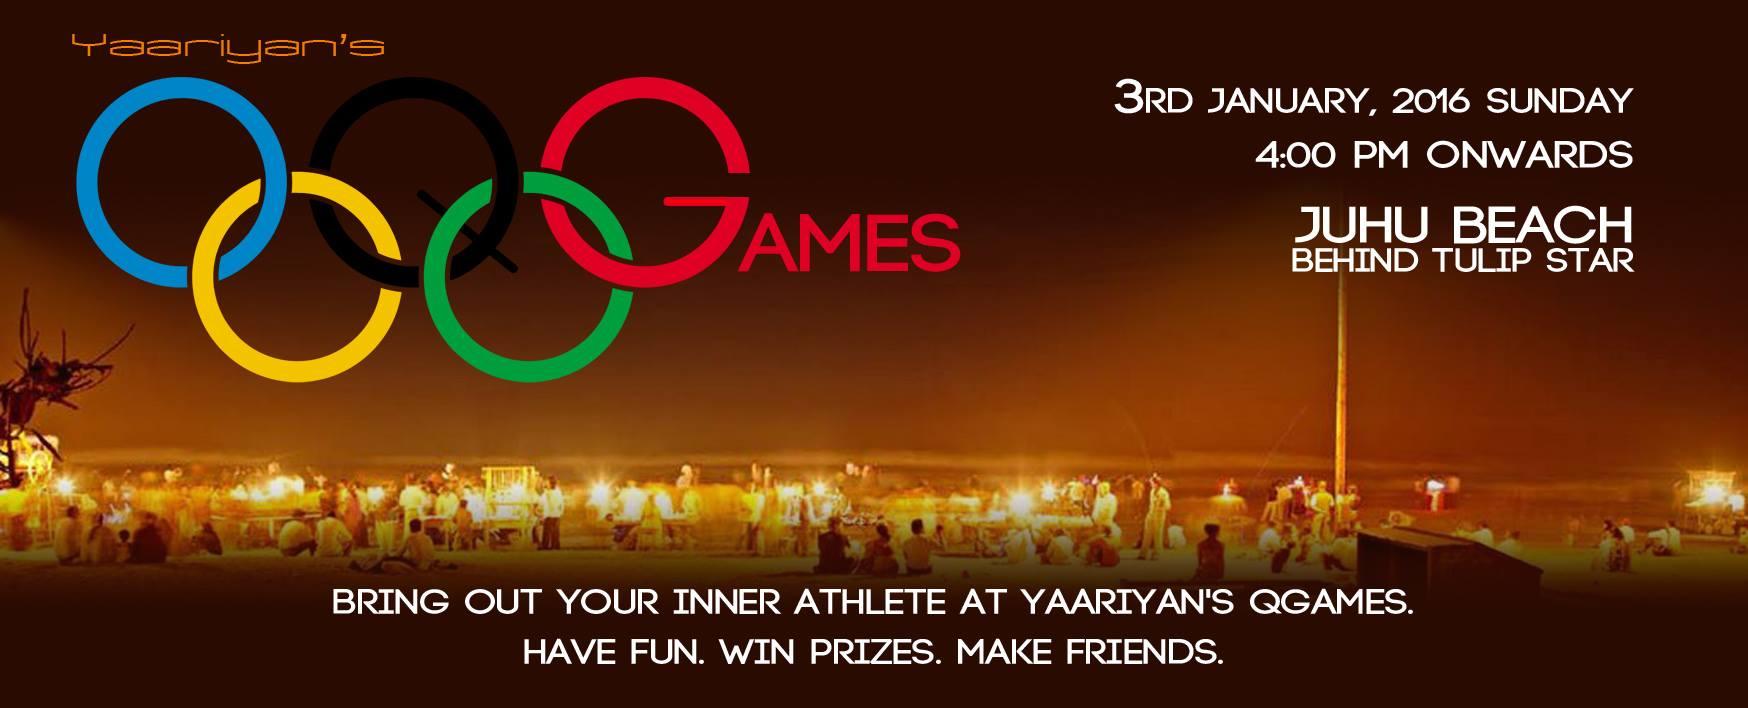 Yaariyan's Queer Games 2016